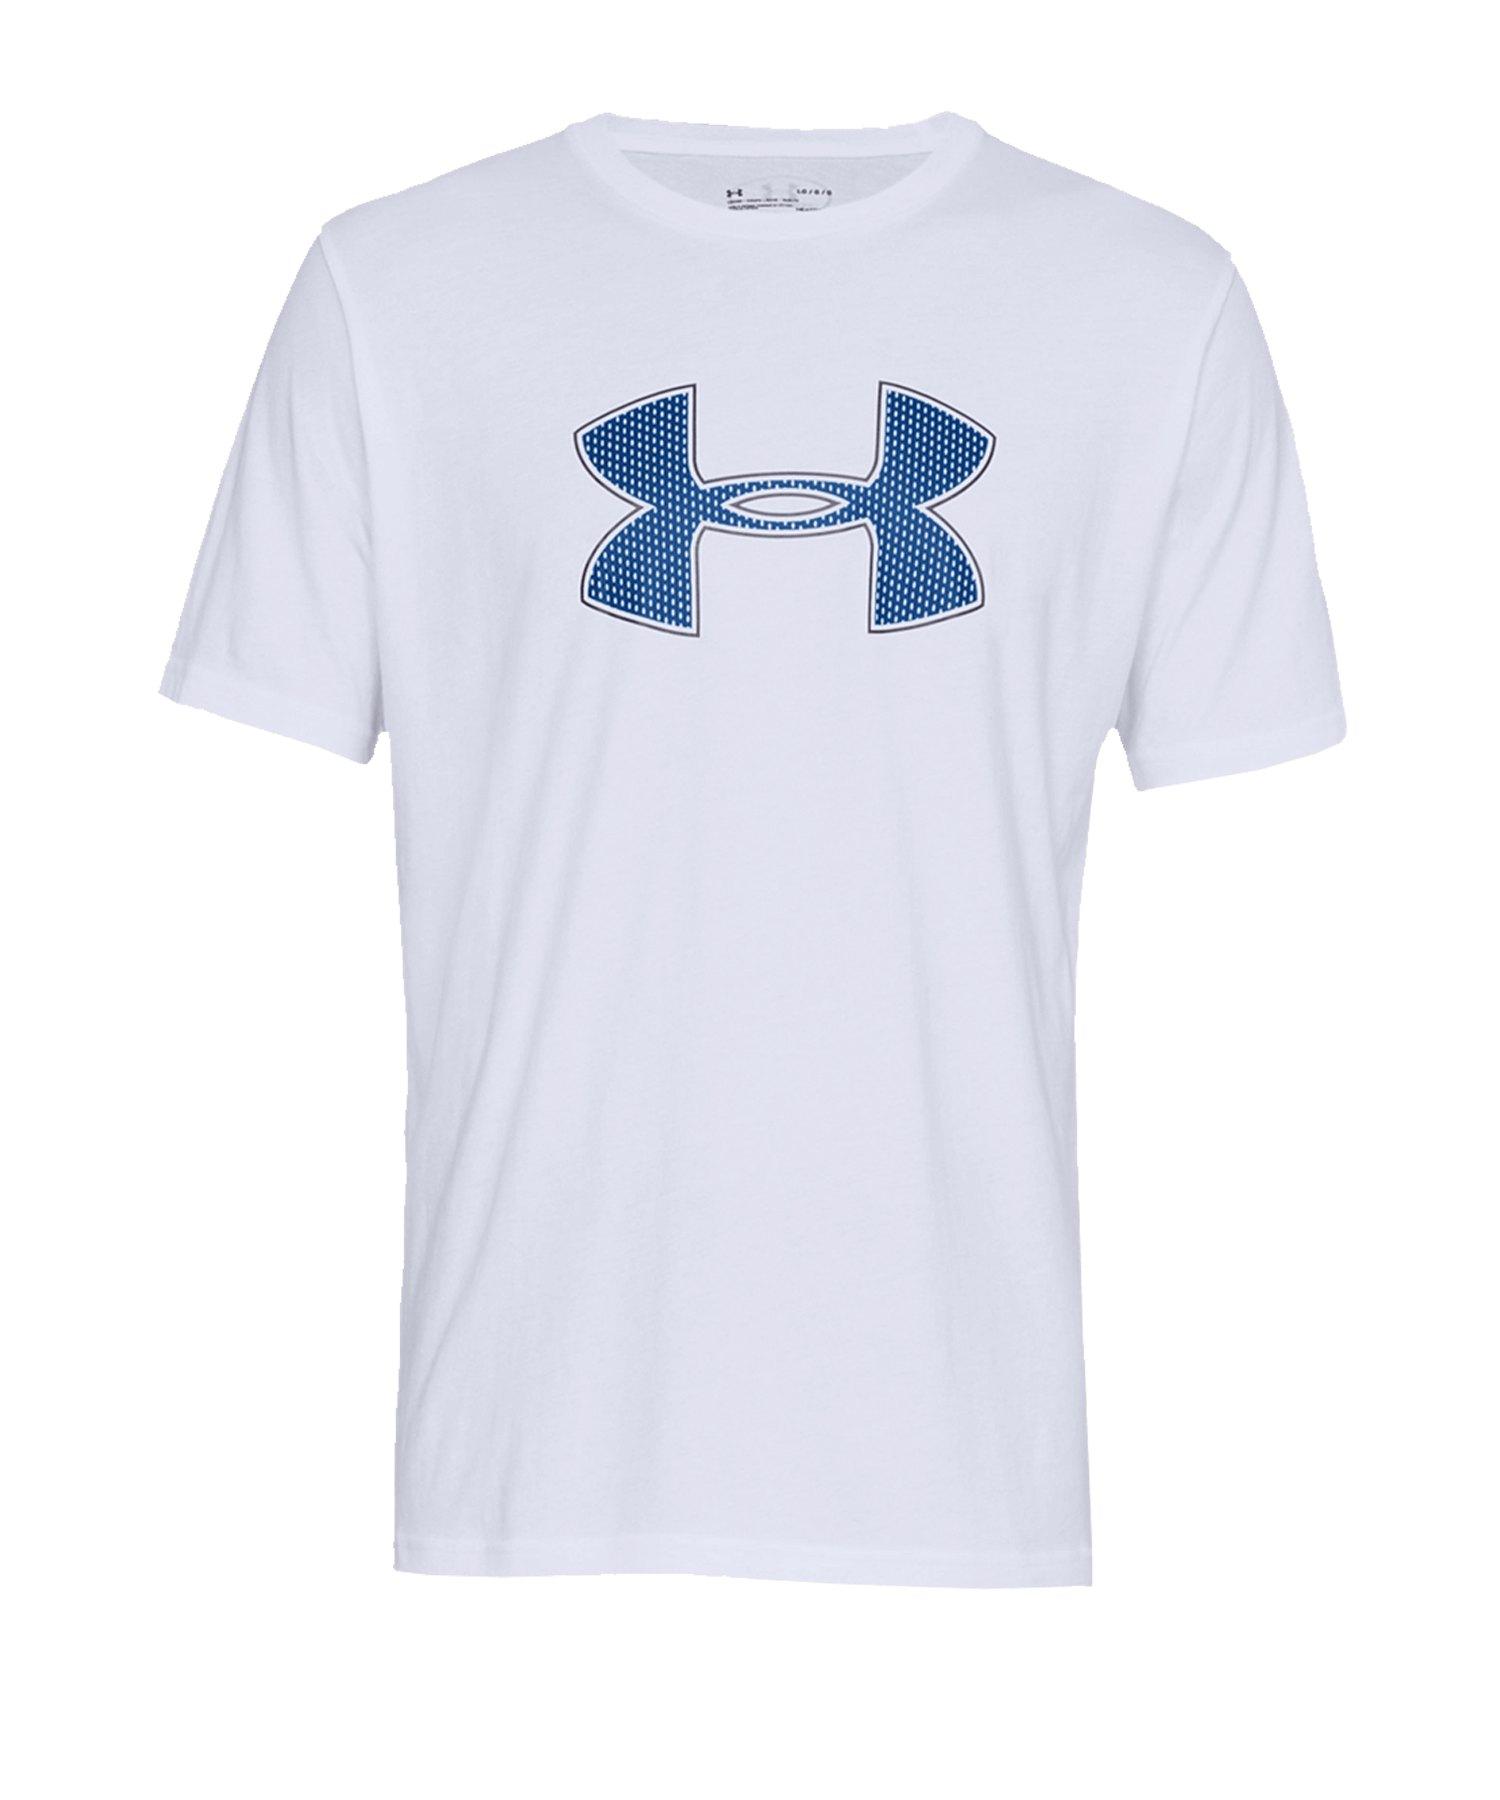 Under Armour Big Logo T-Shirt Weiss F100 - weiss